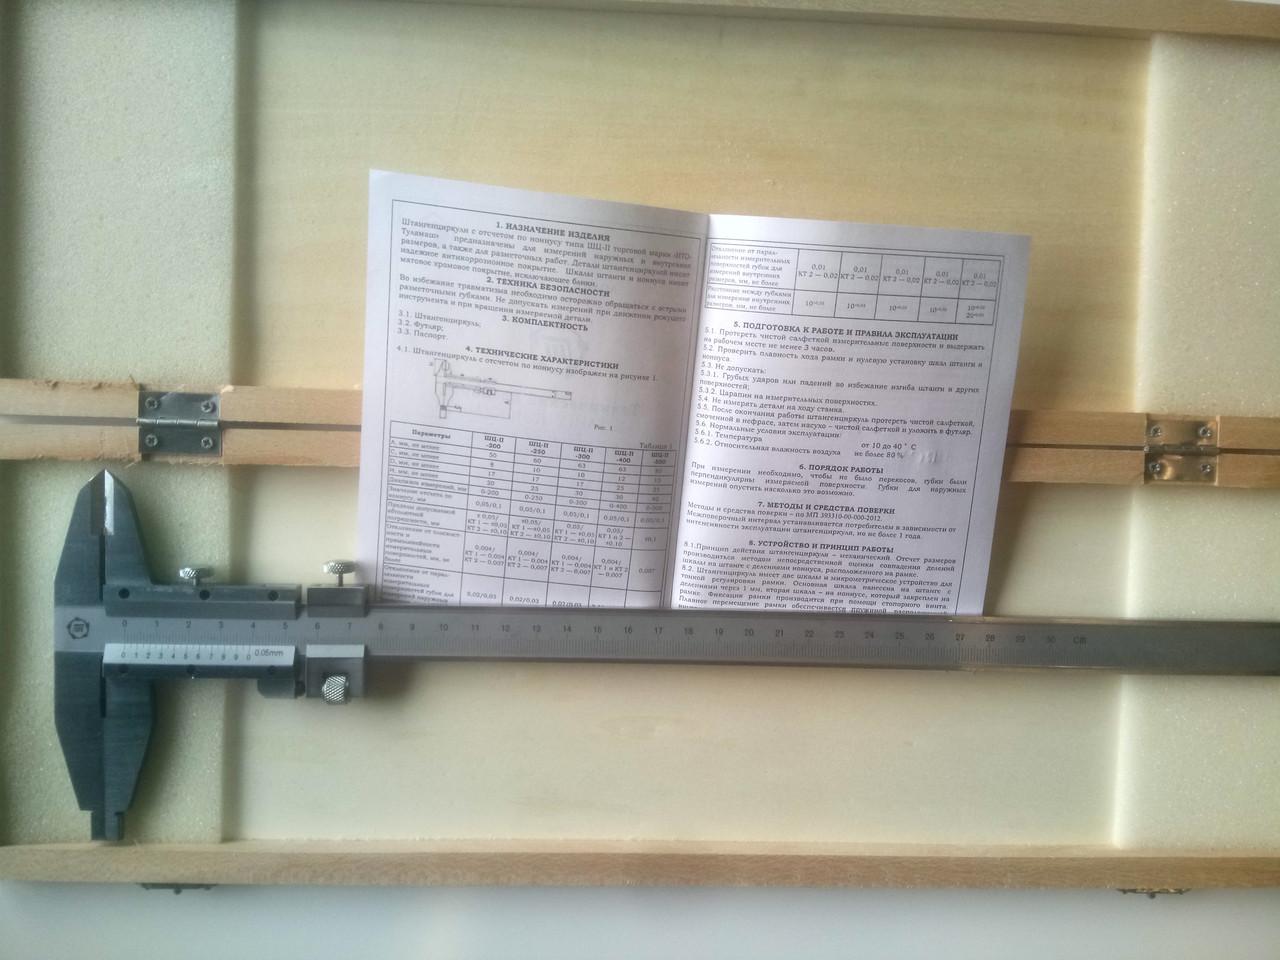 Штангенциркуль ШЦ-II - 300 (ц.д. 0,05мм),возможна калибровка в УкрЦСМ.